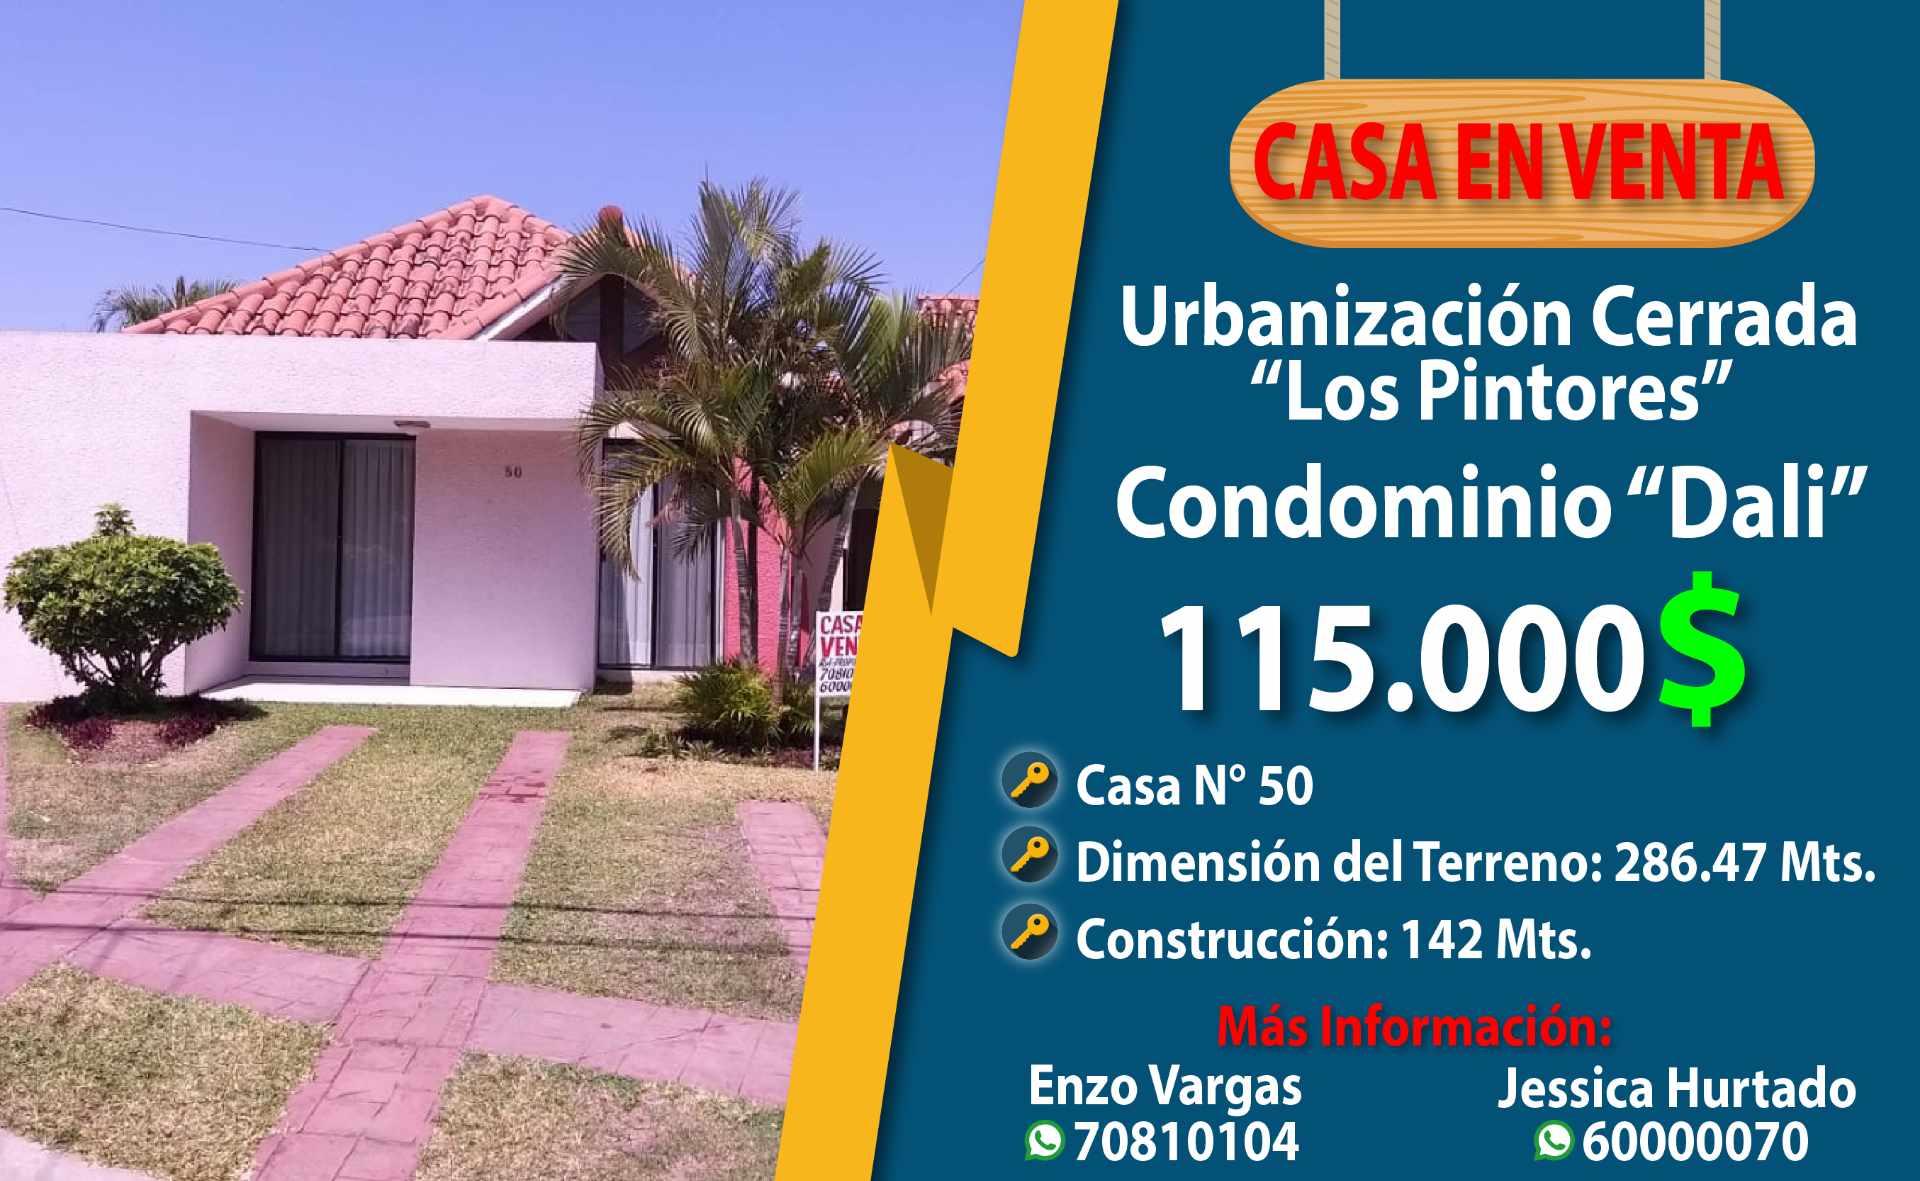 Casa en Venta Urbanización los Pintores Foto 1